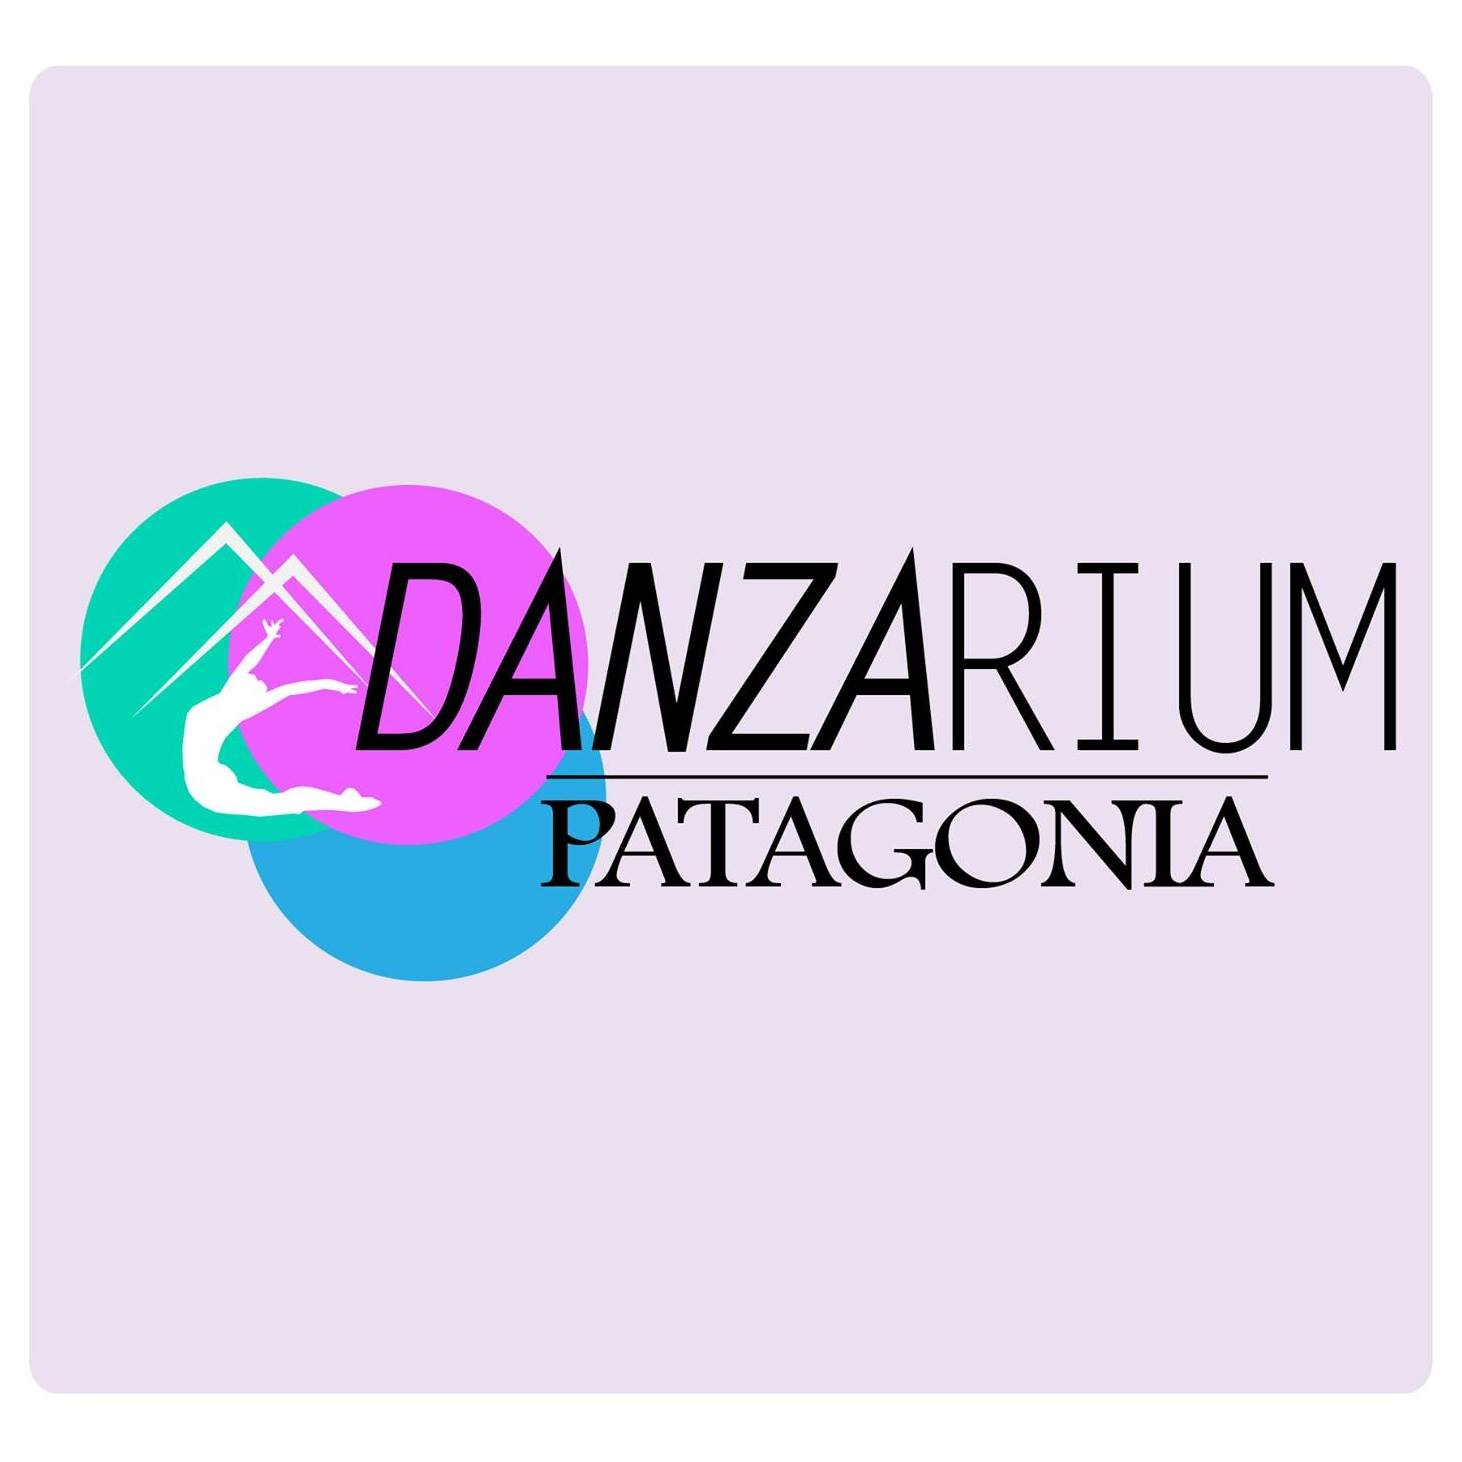 Danzarium